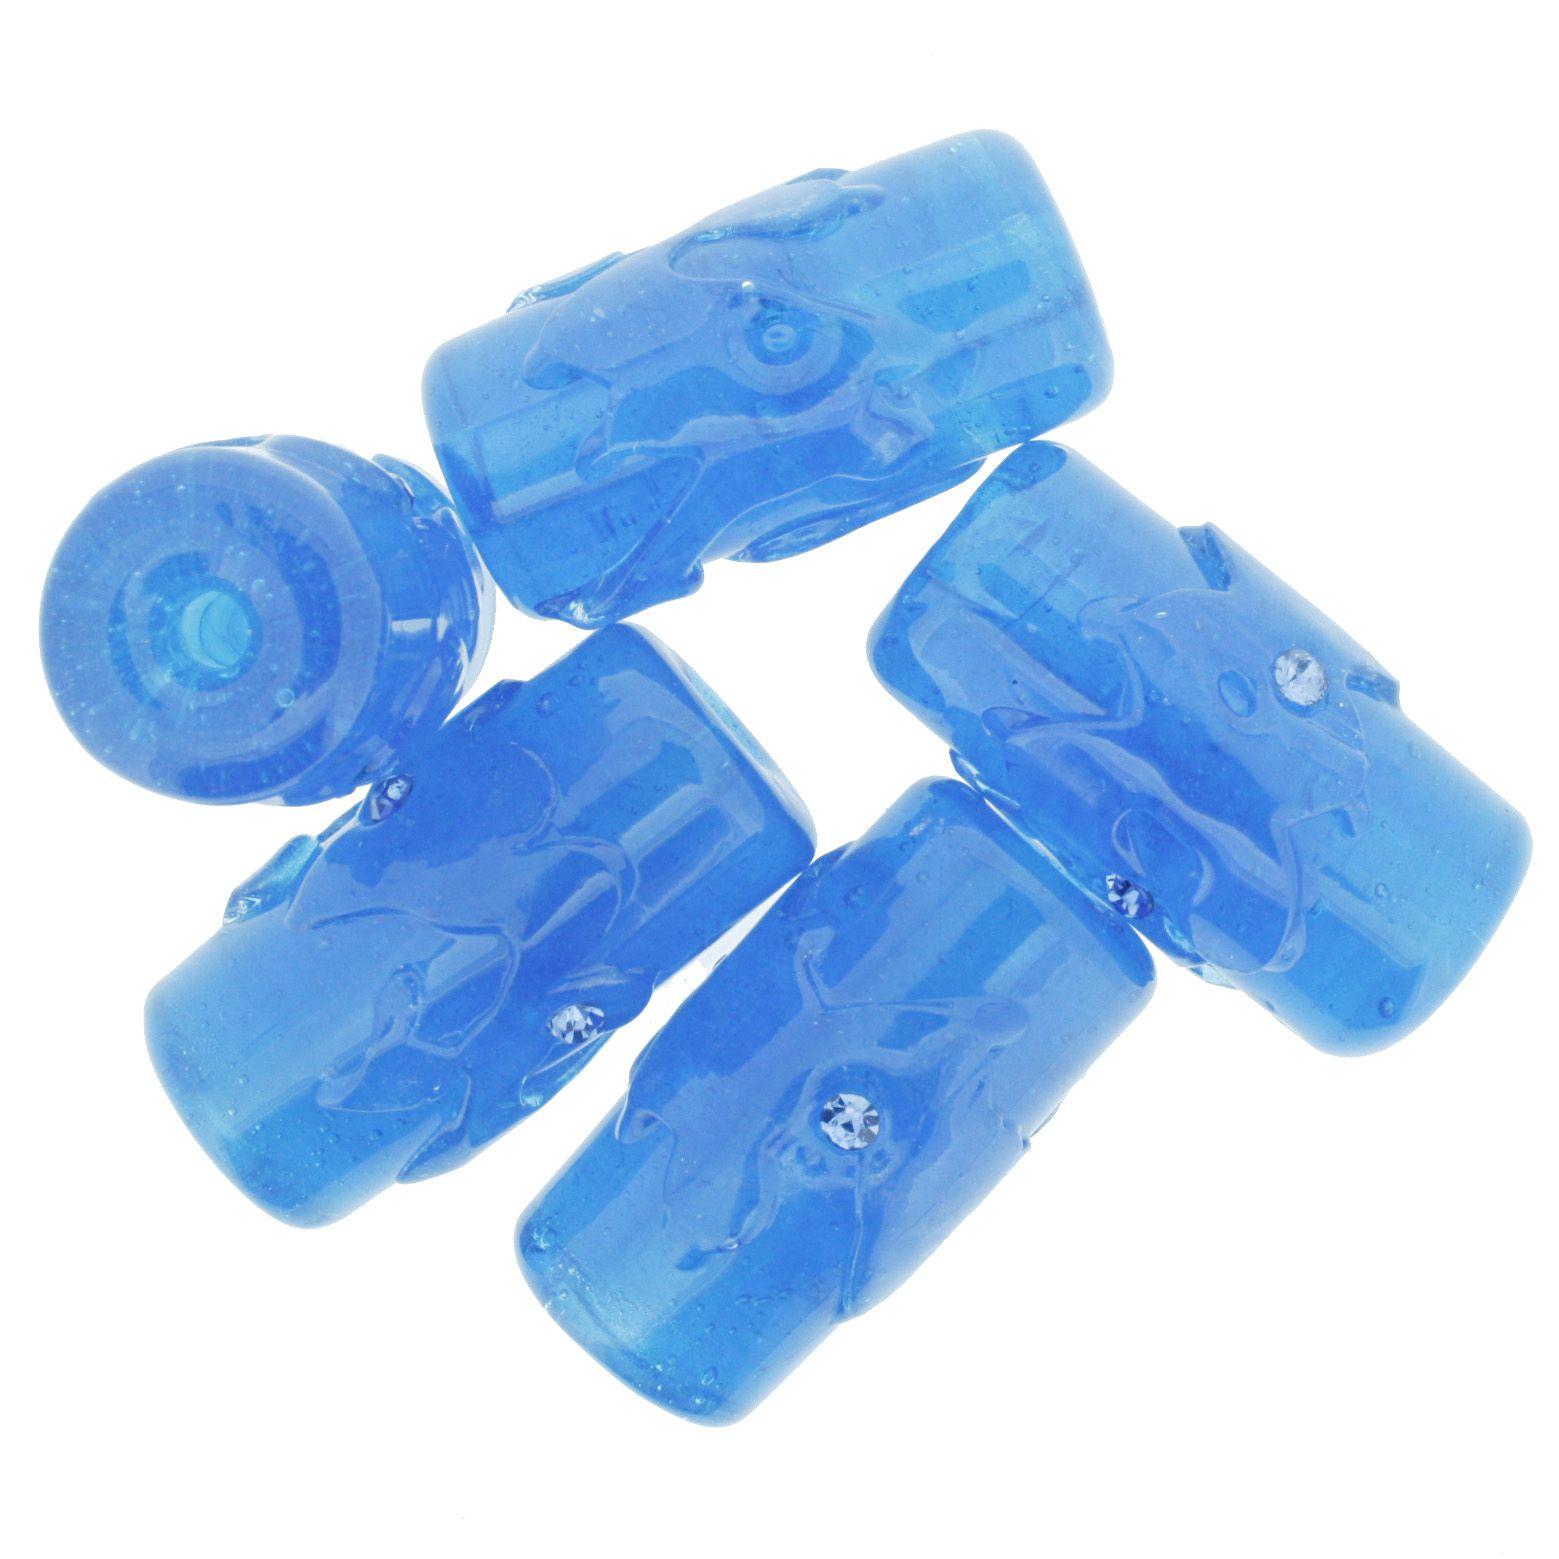 Firmas Strass GG - Azul Clara Transparente  - Stéphanie Bijoux® - Peças para Bijuterias e Artesanato